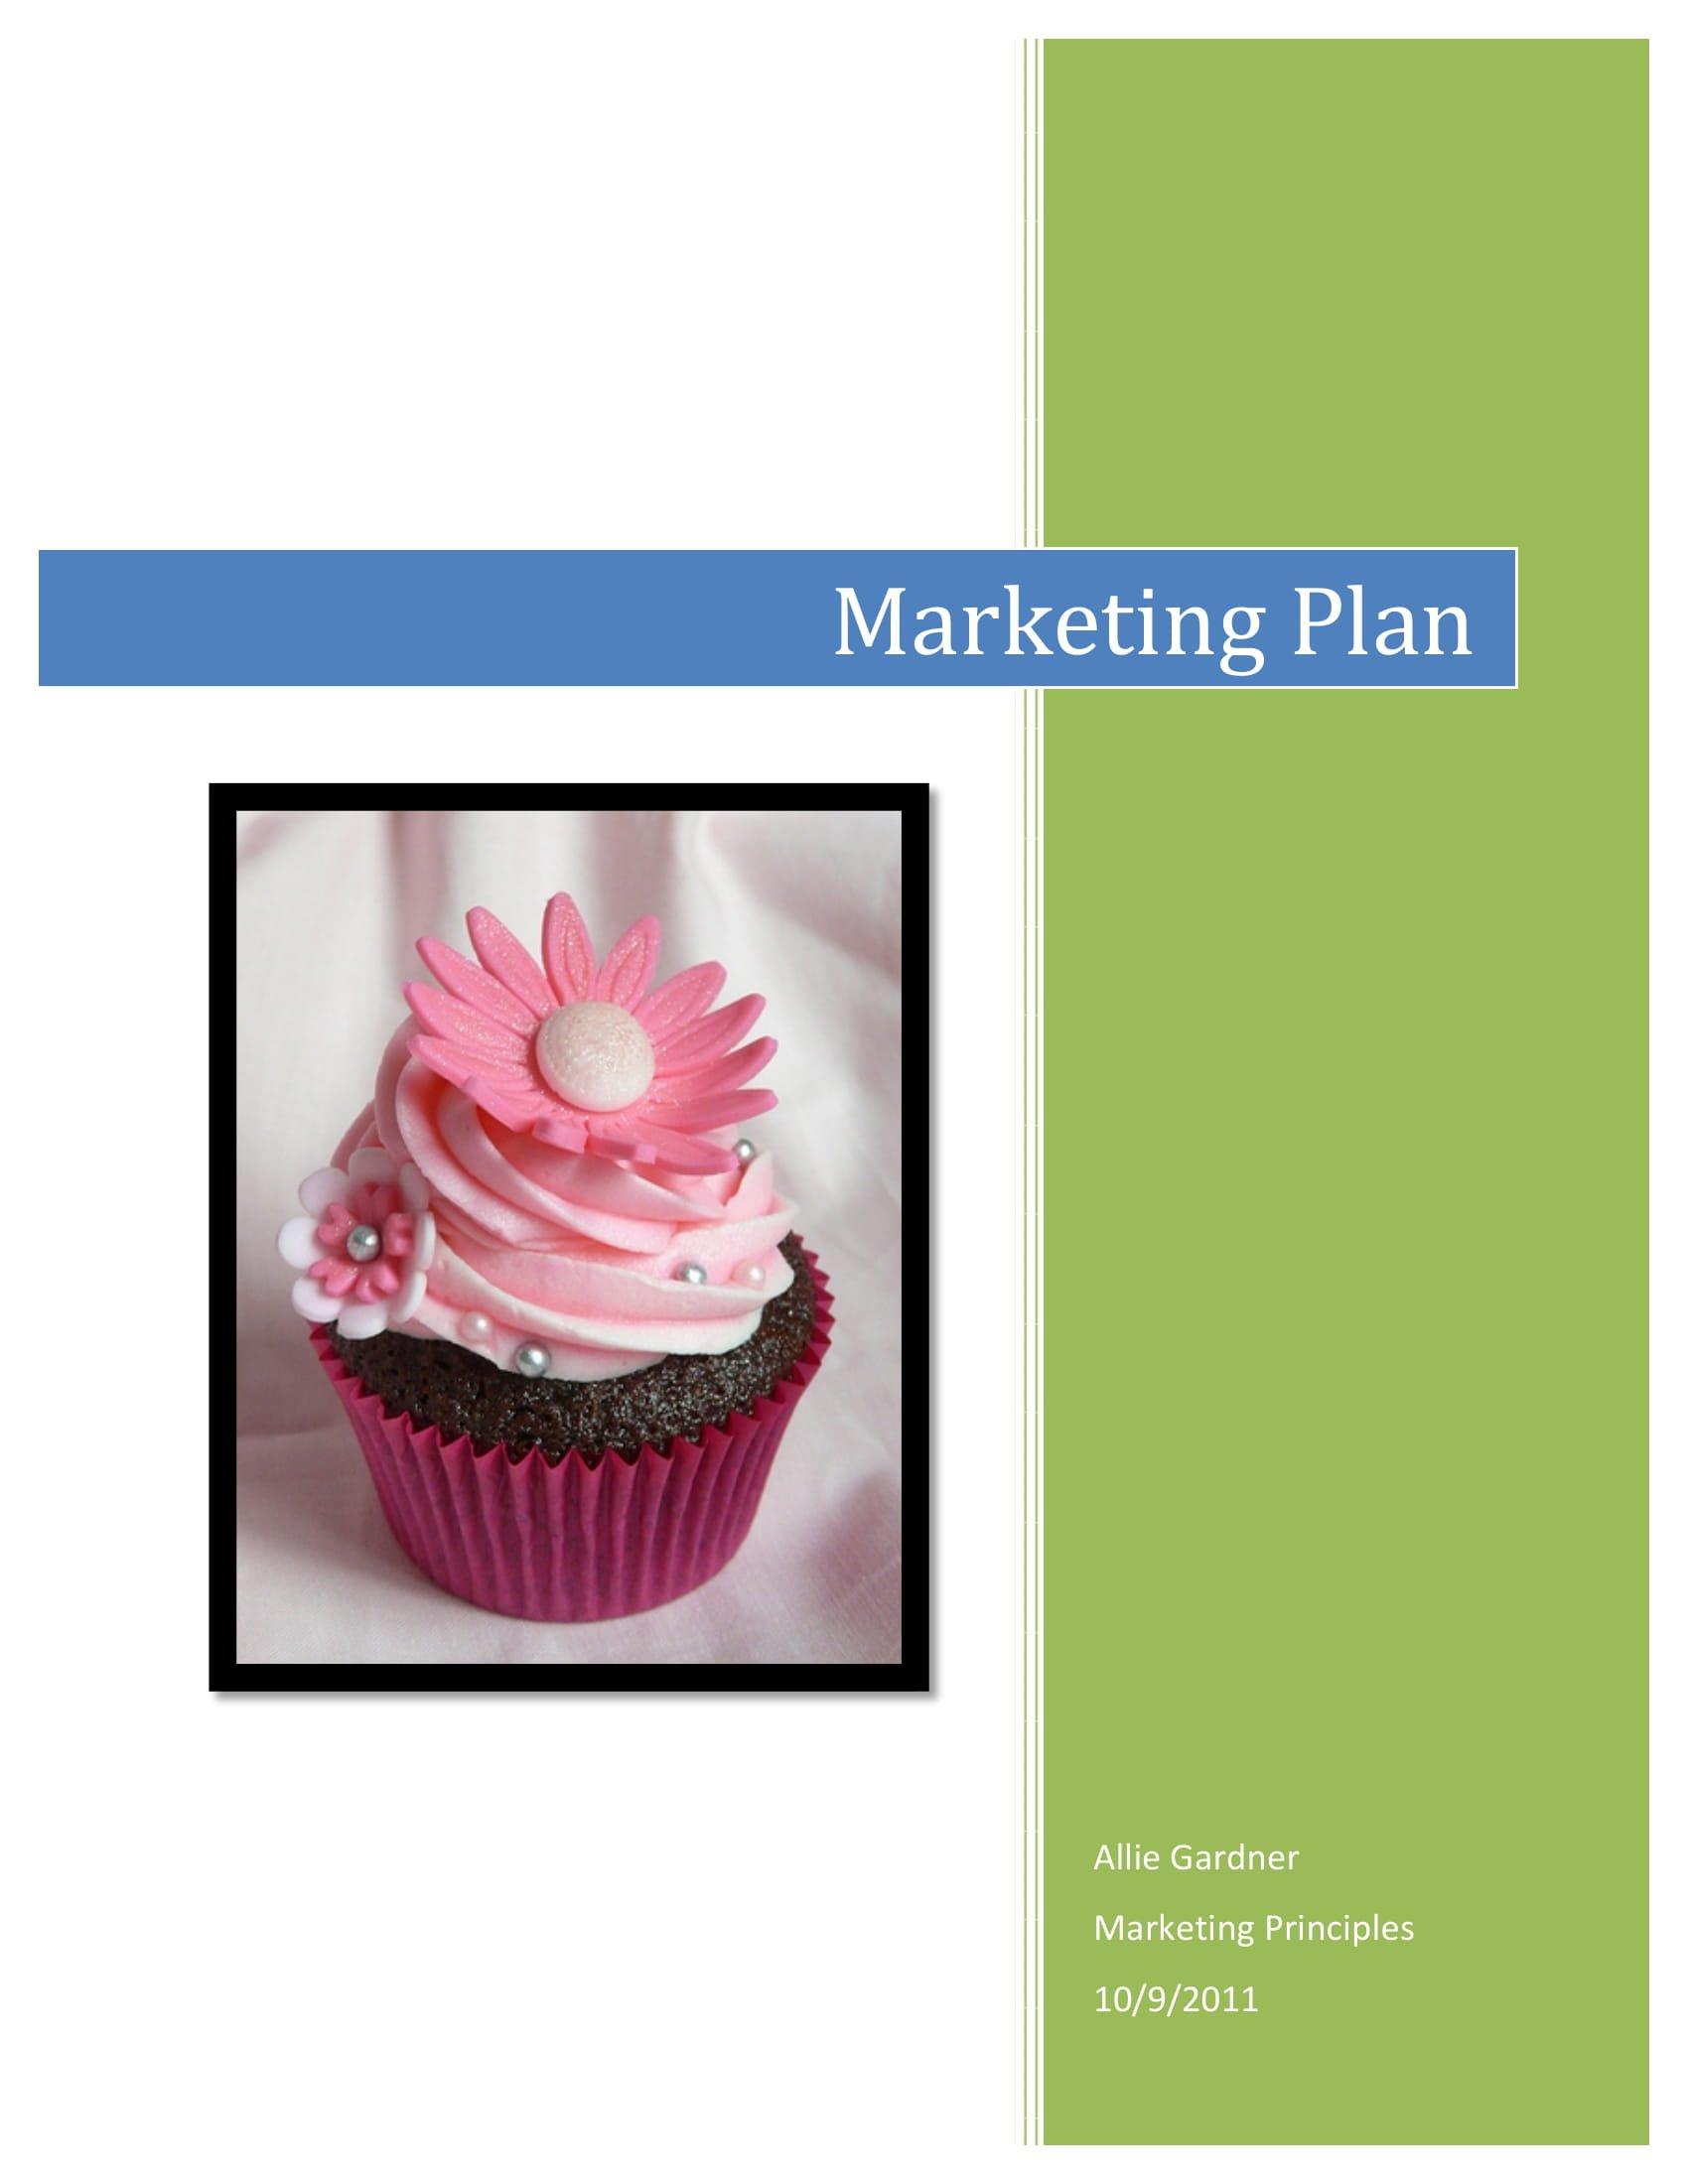 cupcake bakery marketing plan